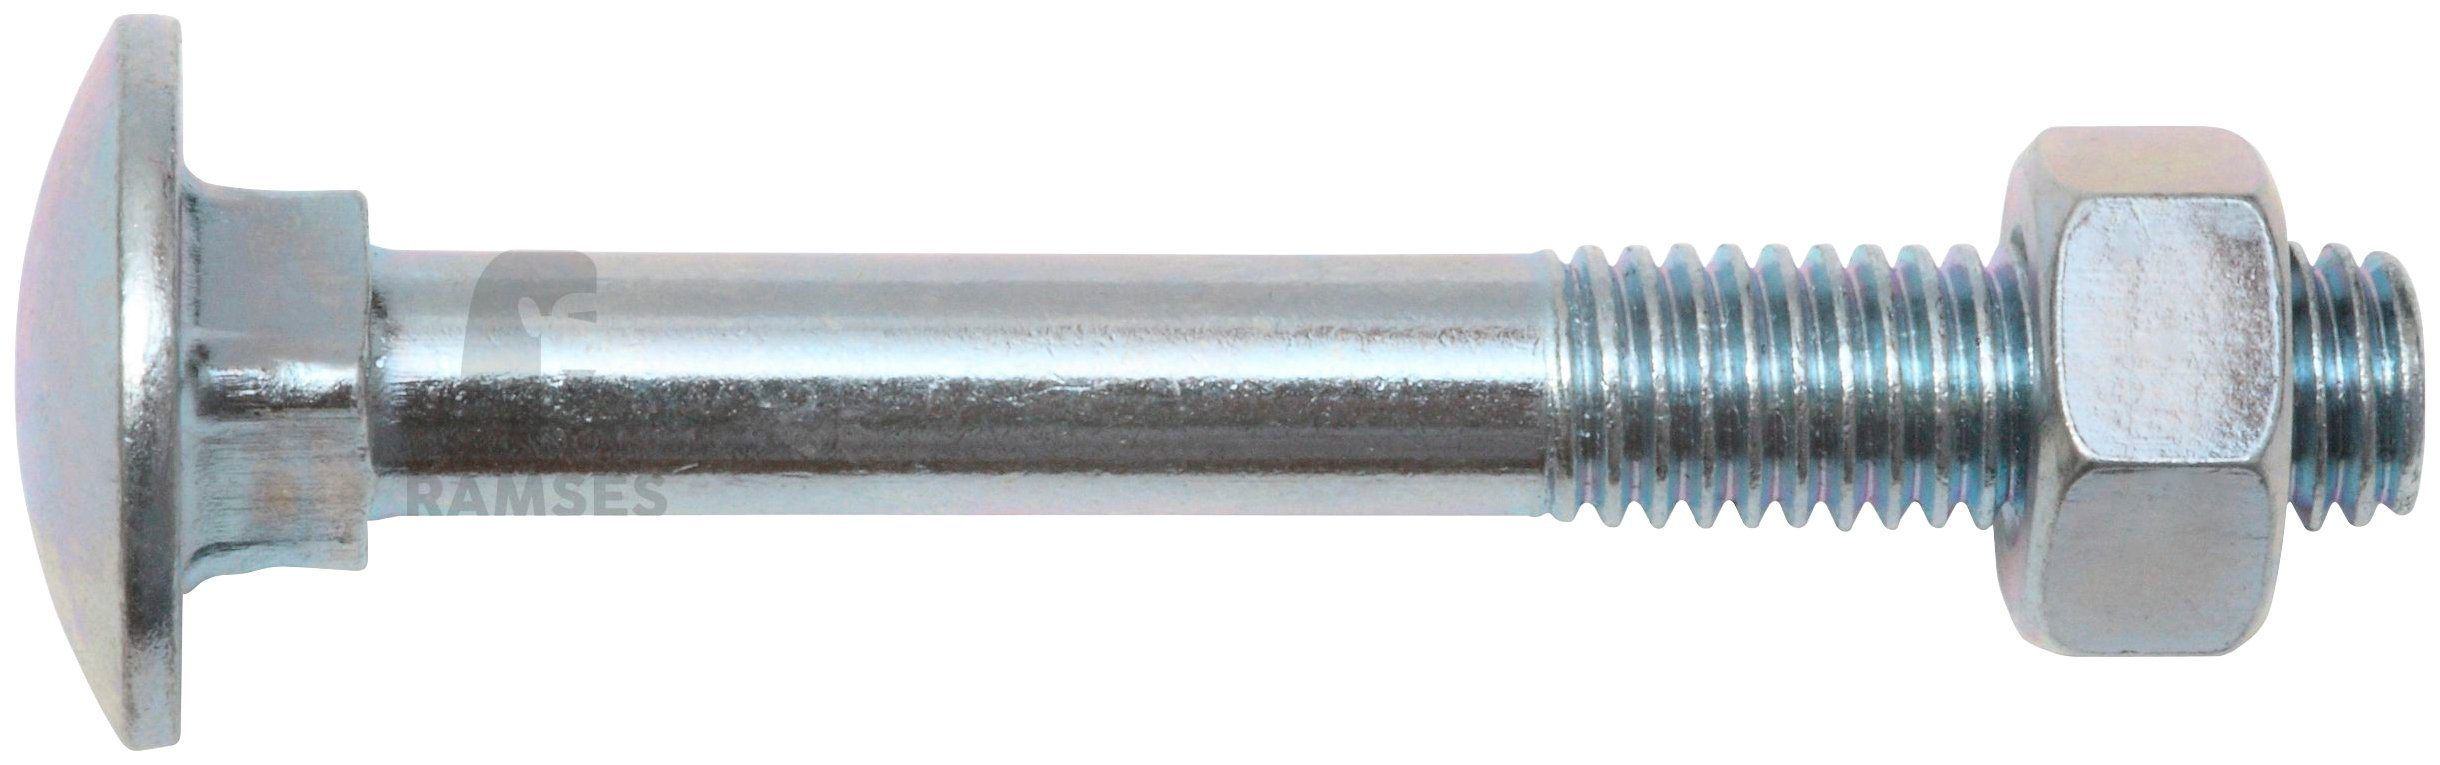 RAMSES Schrauben , Schlossschraube mit Mutter M10 x 180 mm 25 Stk.